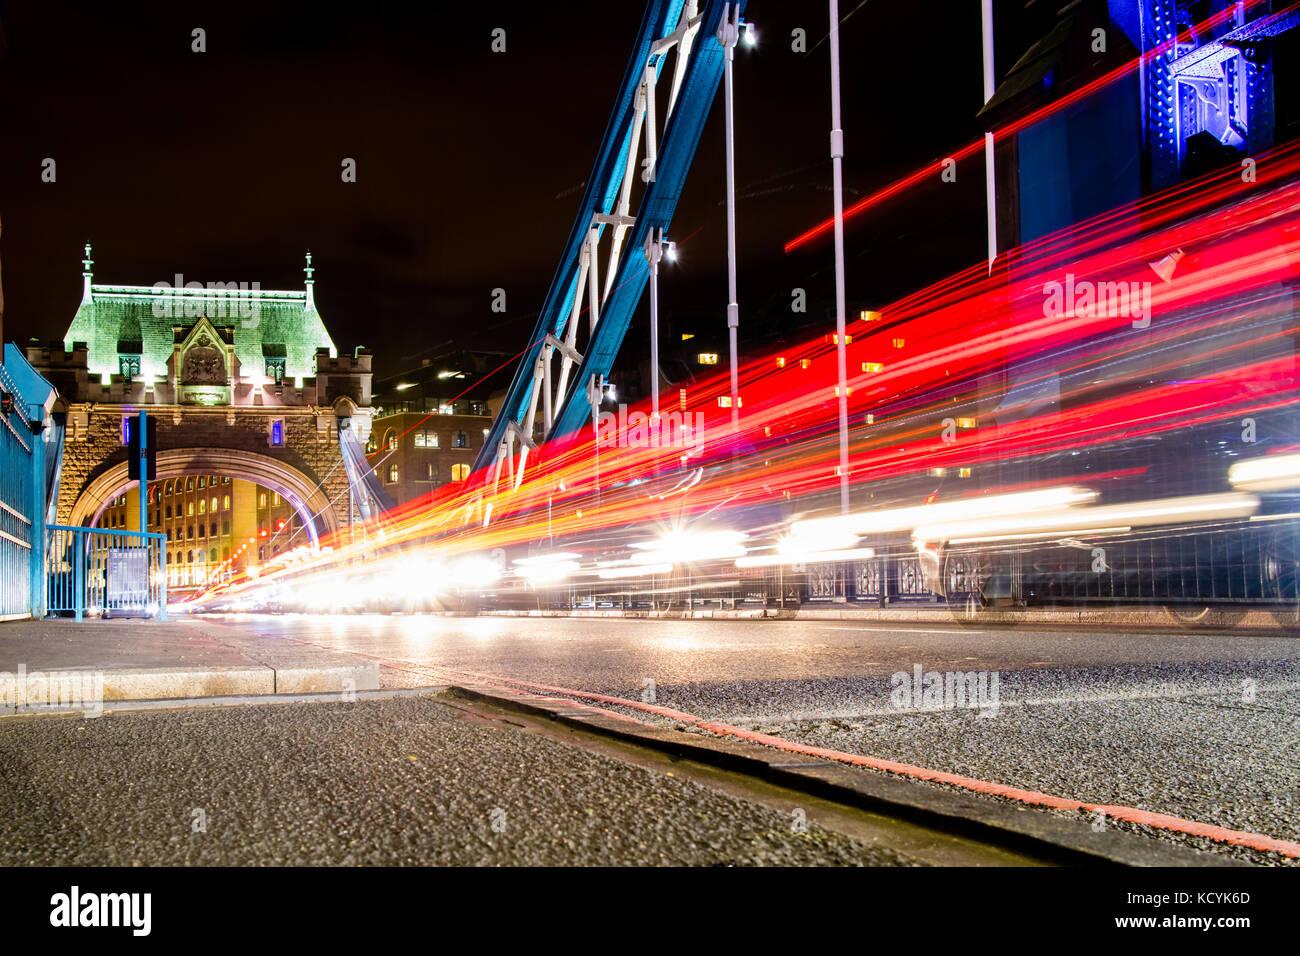 Descendre le trafic à travers le Tower Bridge à Londres, au Royaume-Uni. Photo Stock